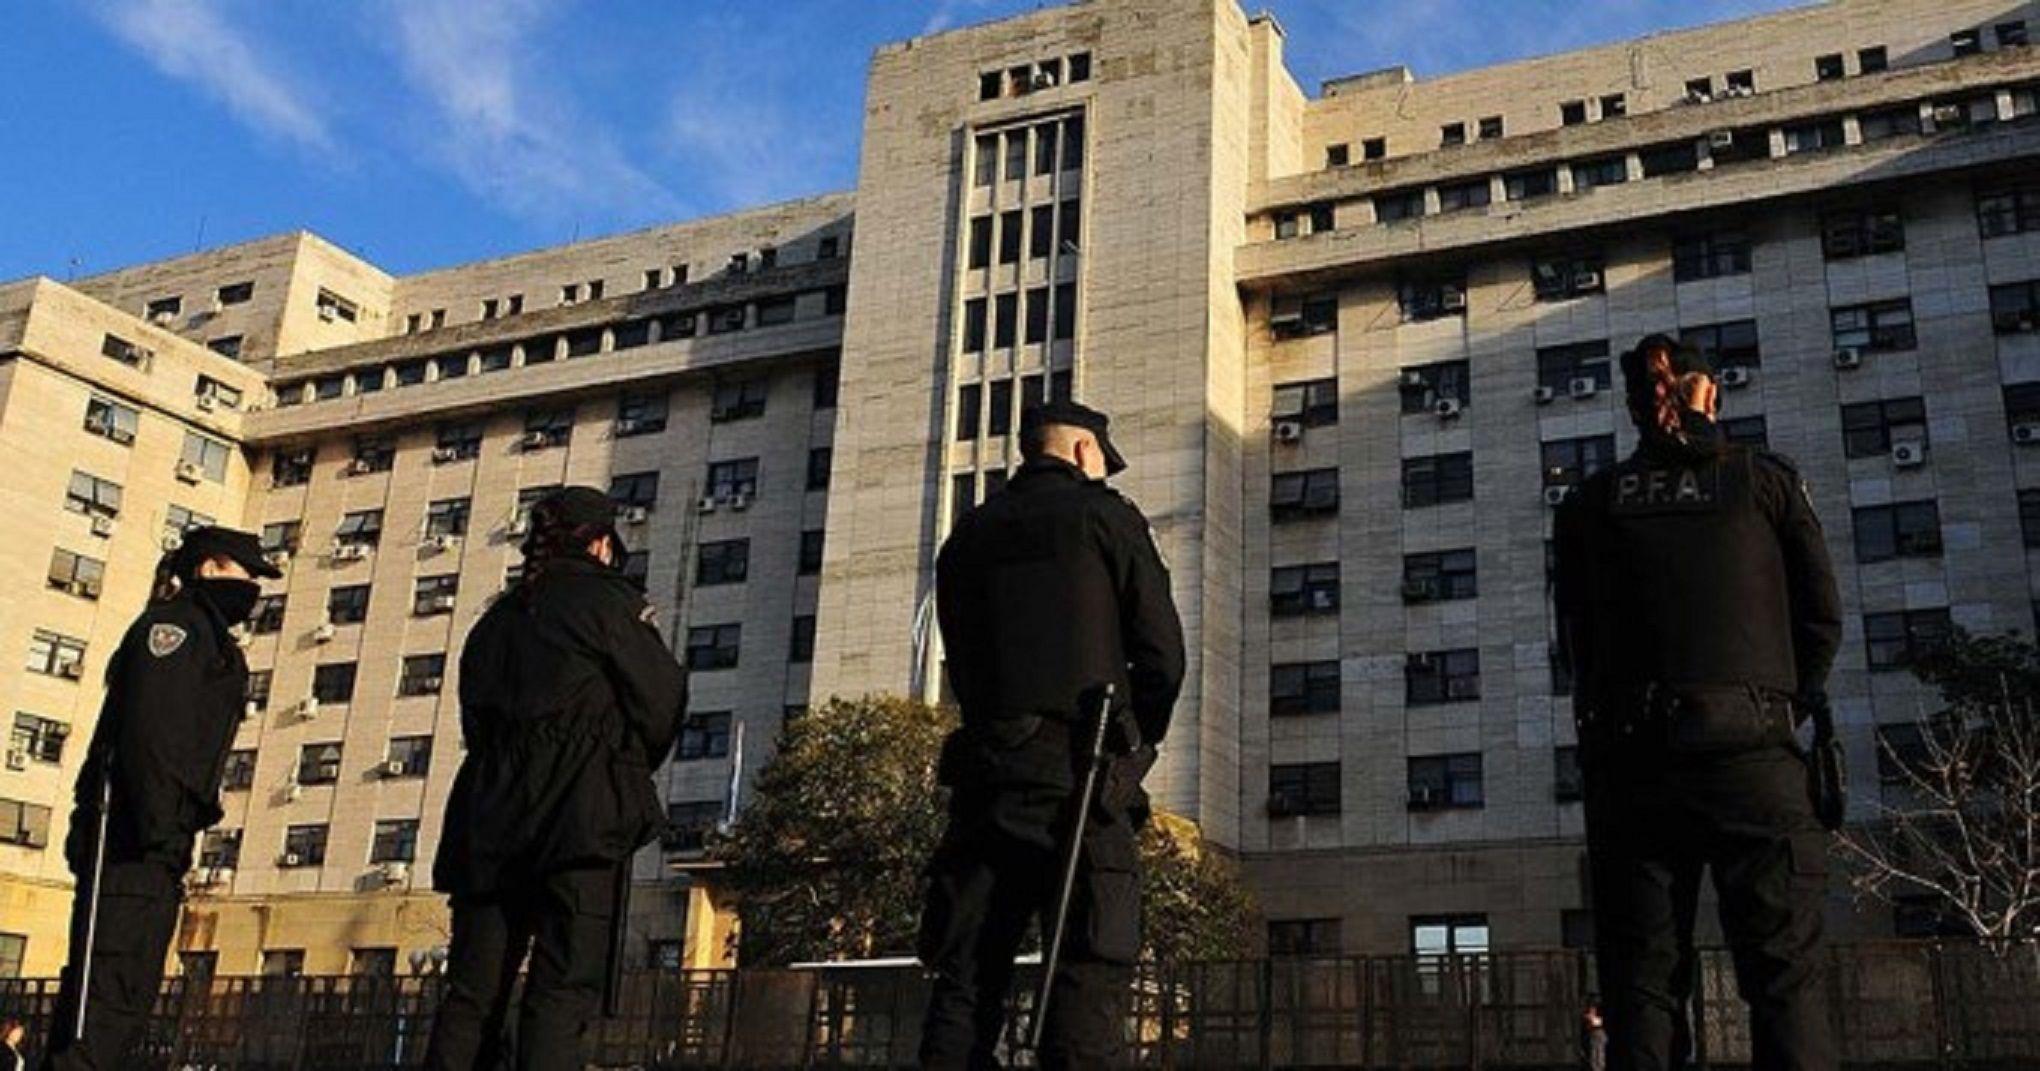 El jefe de seguridad de Comodoro Py que se suicidó, estaba acusado de abuso sexual